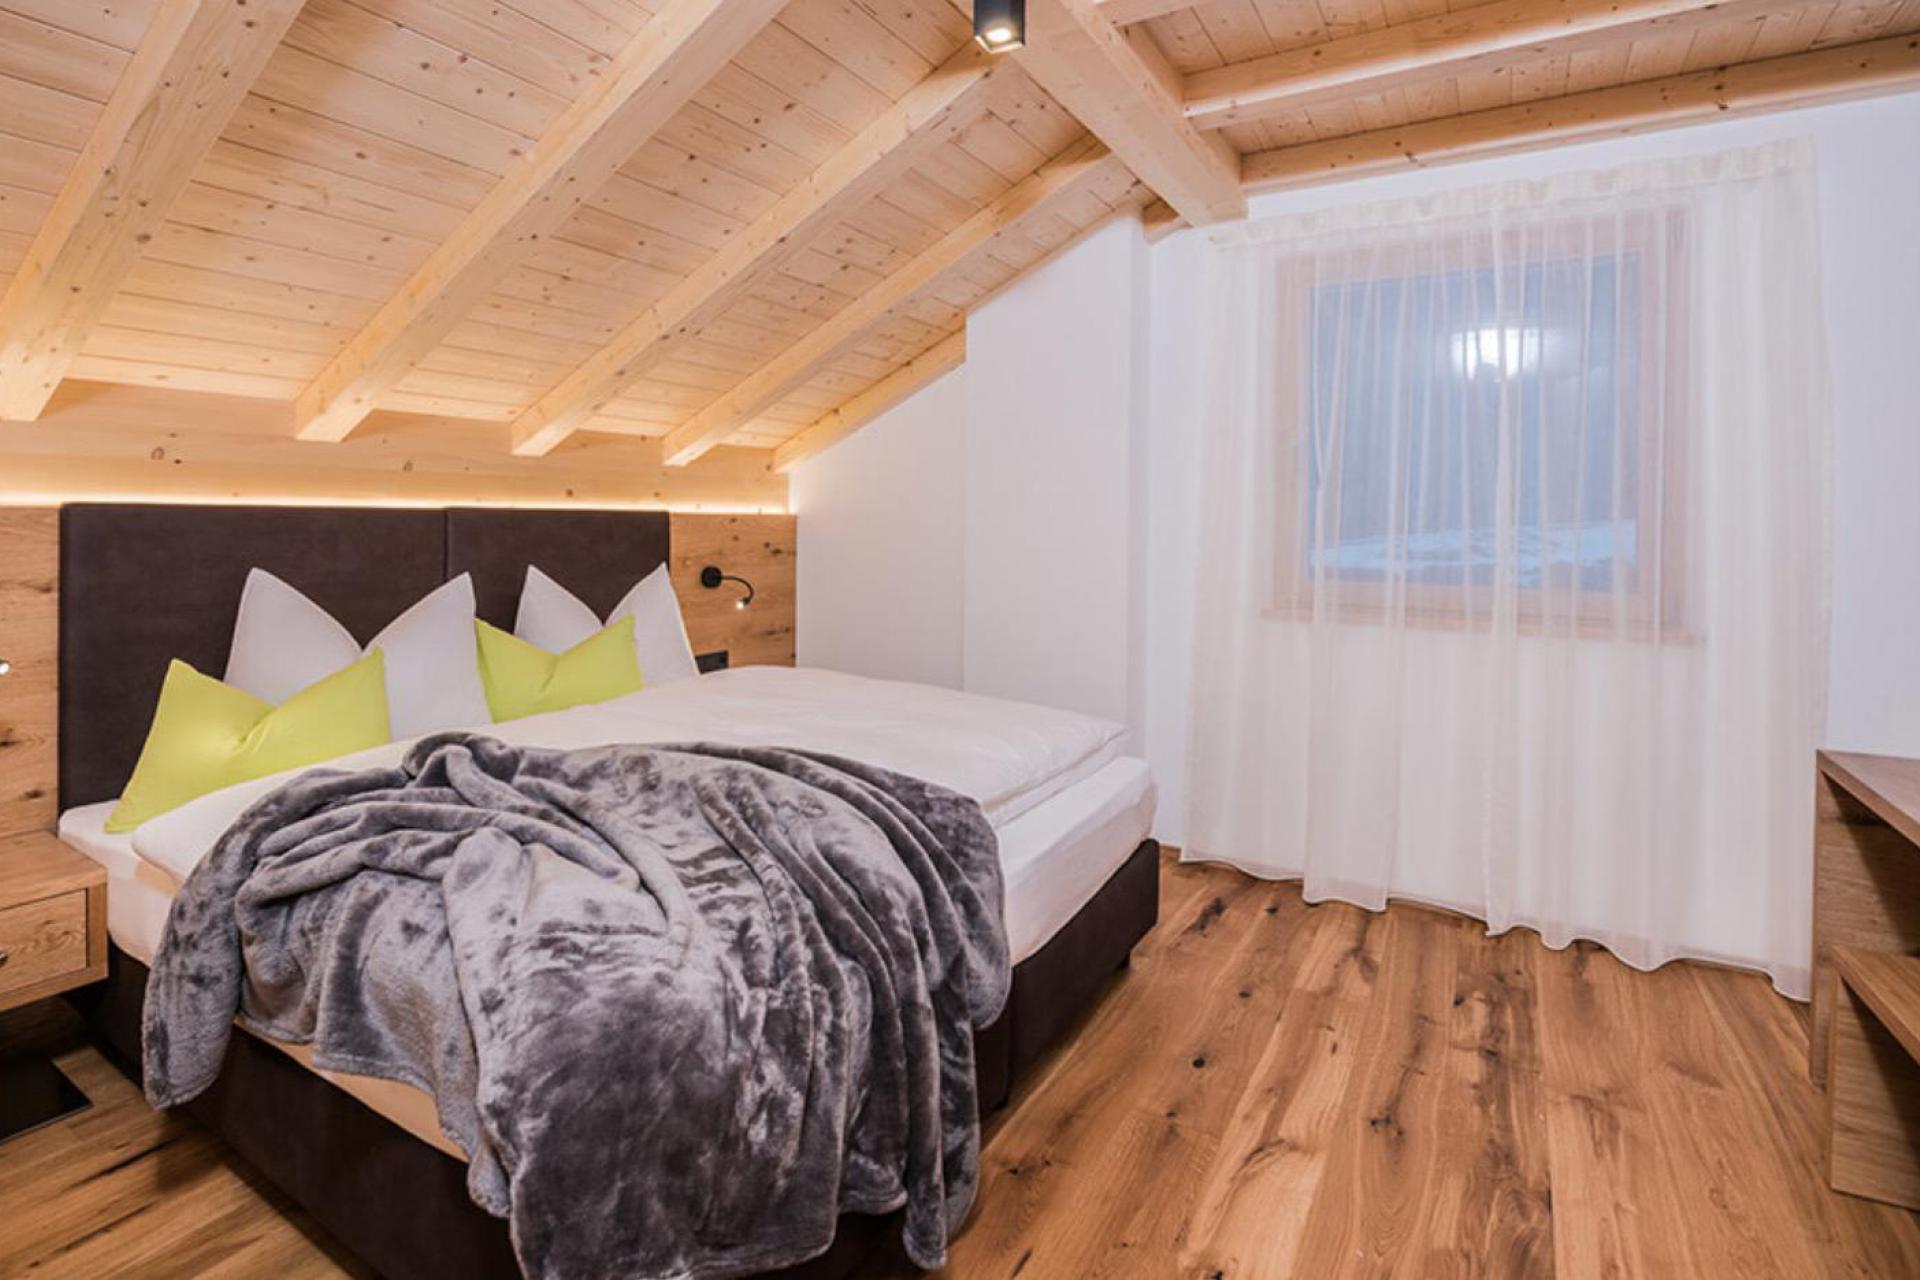 Agriturismo Dolomiten Wohnungen in gastfreundlichen Bauernhof in den Dolomiten